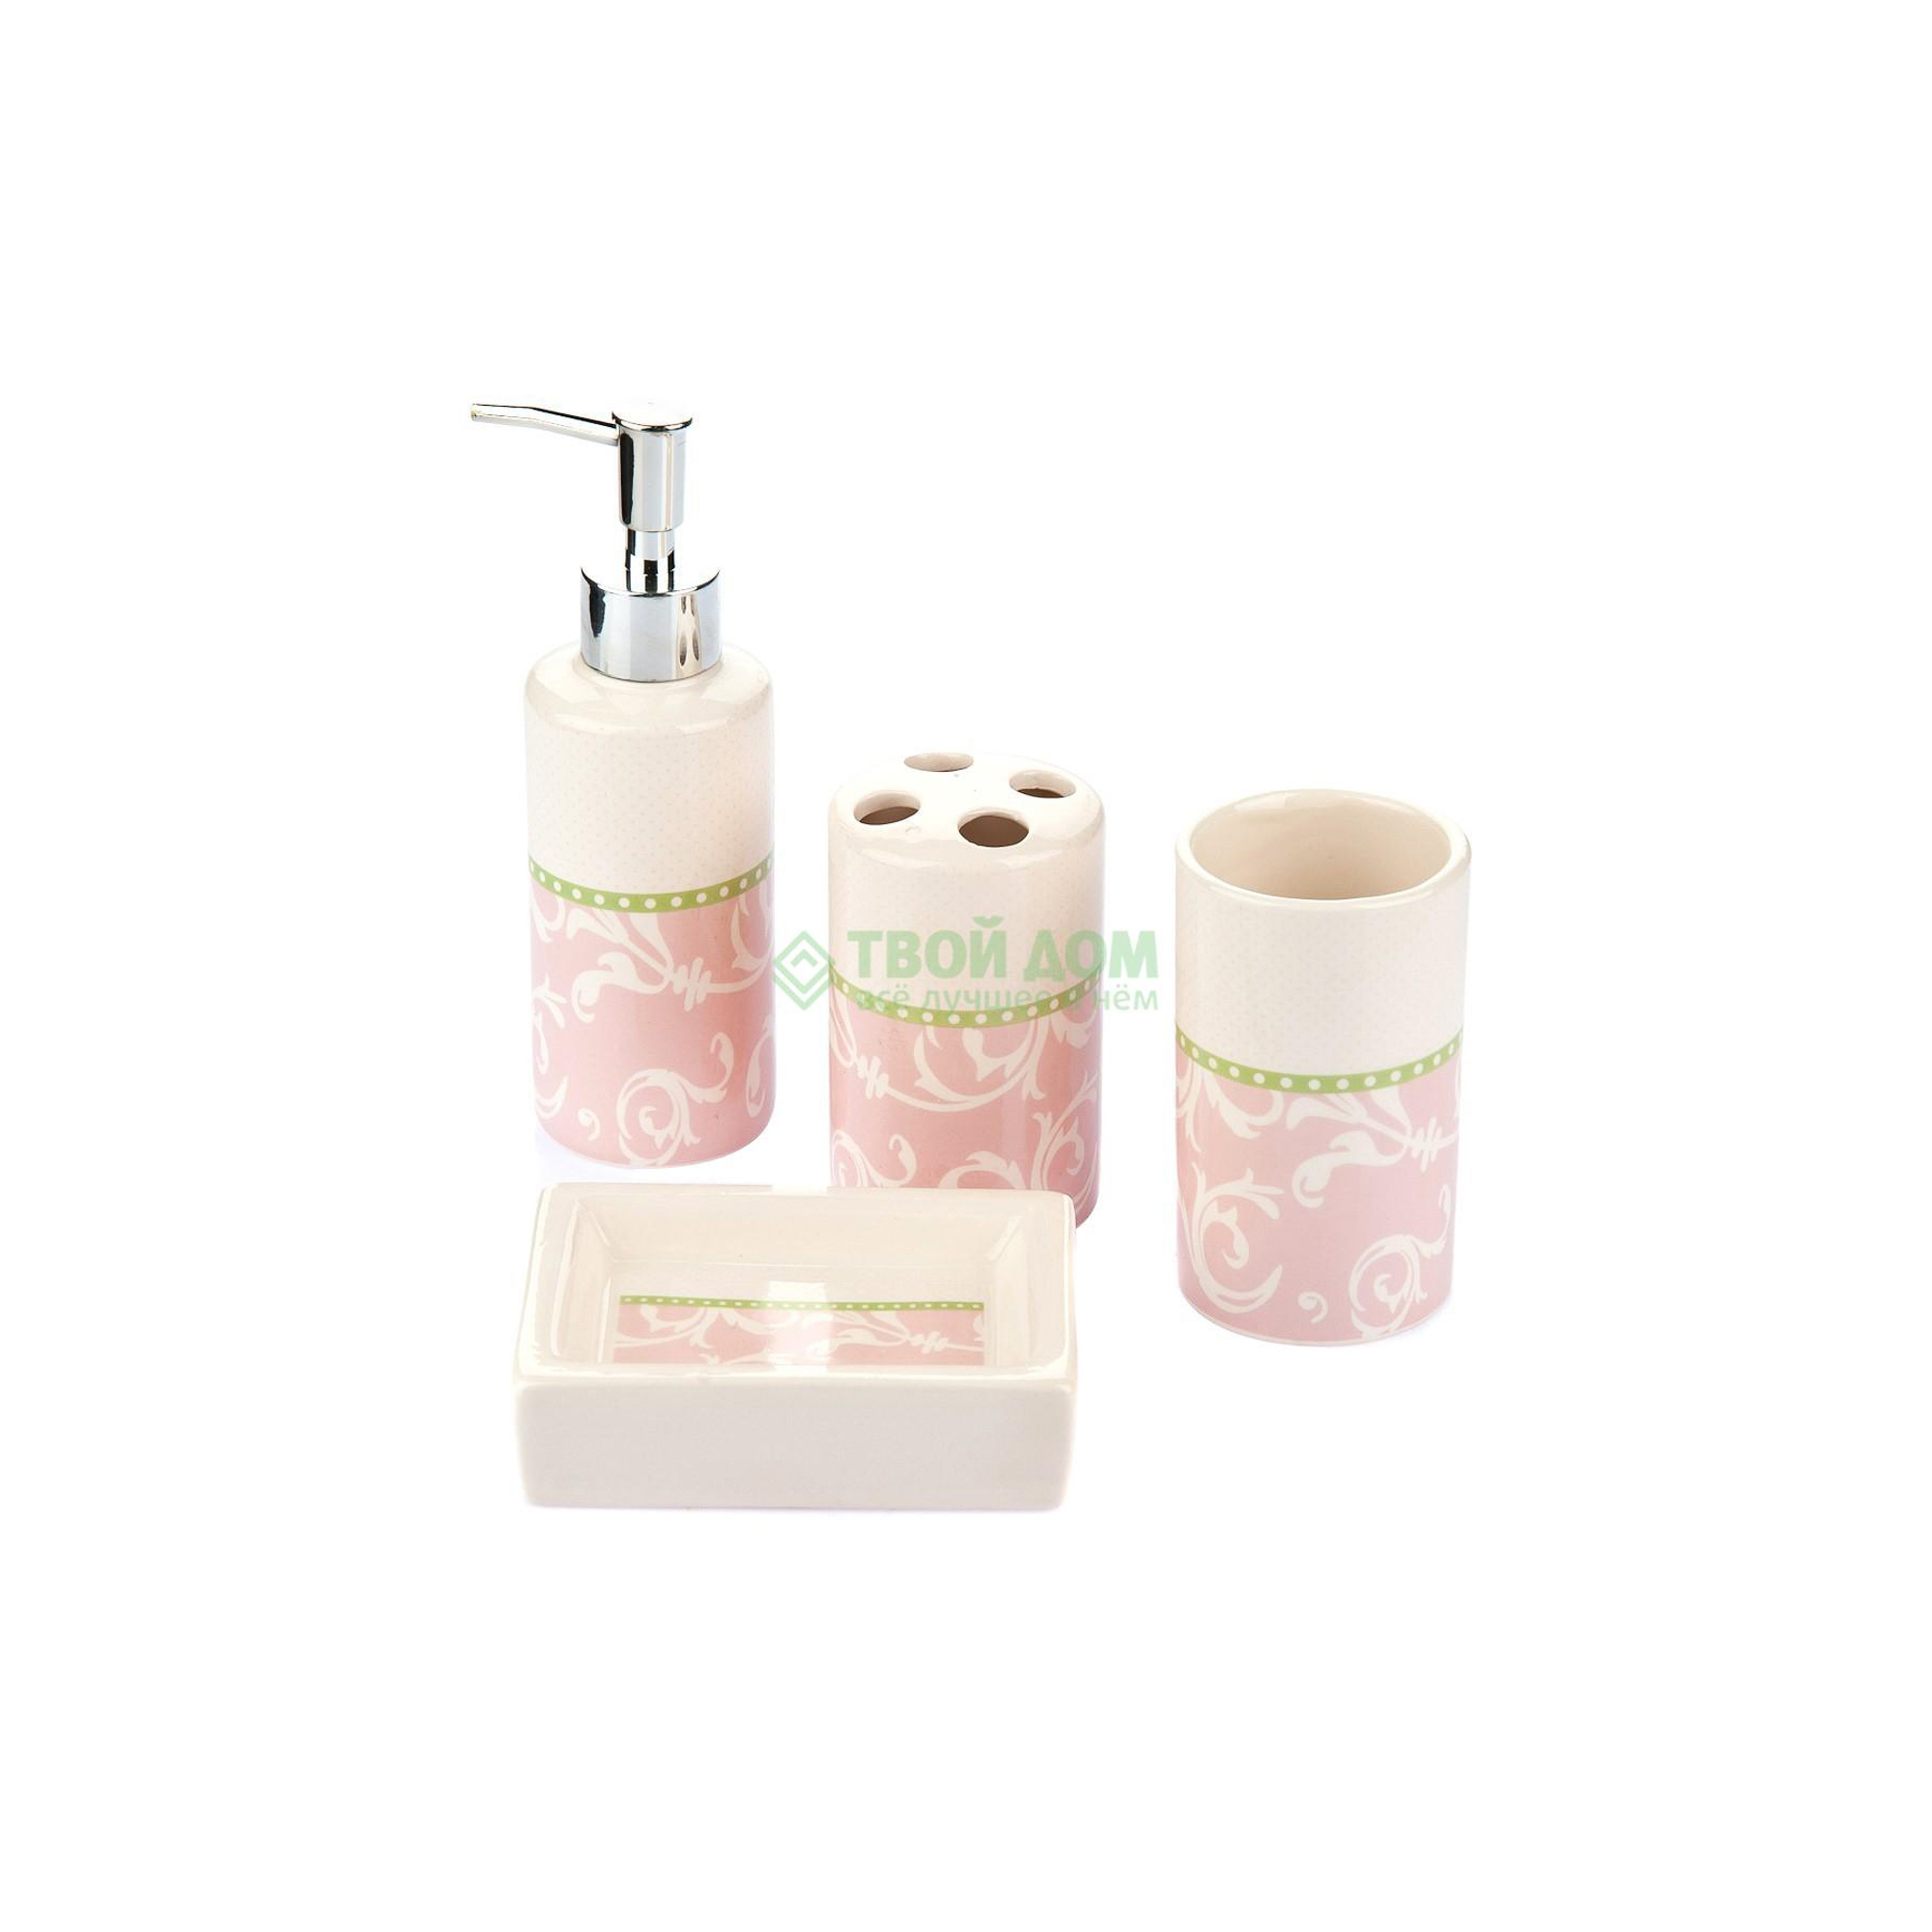 Купить Набор для ванной комнаты Primanova D-16008, набор для ванной комнаты, Китай, розовый, фарфор